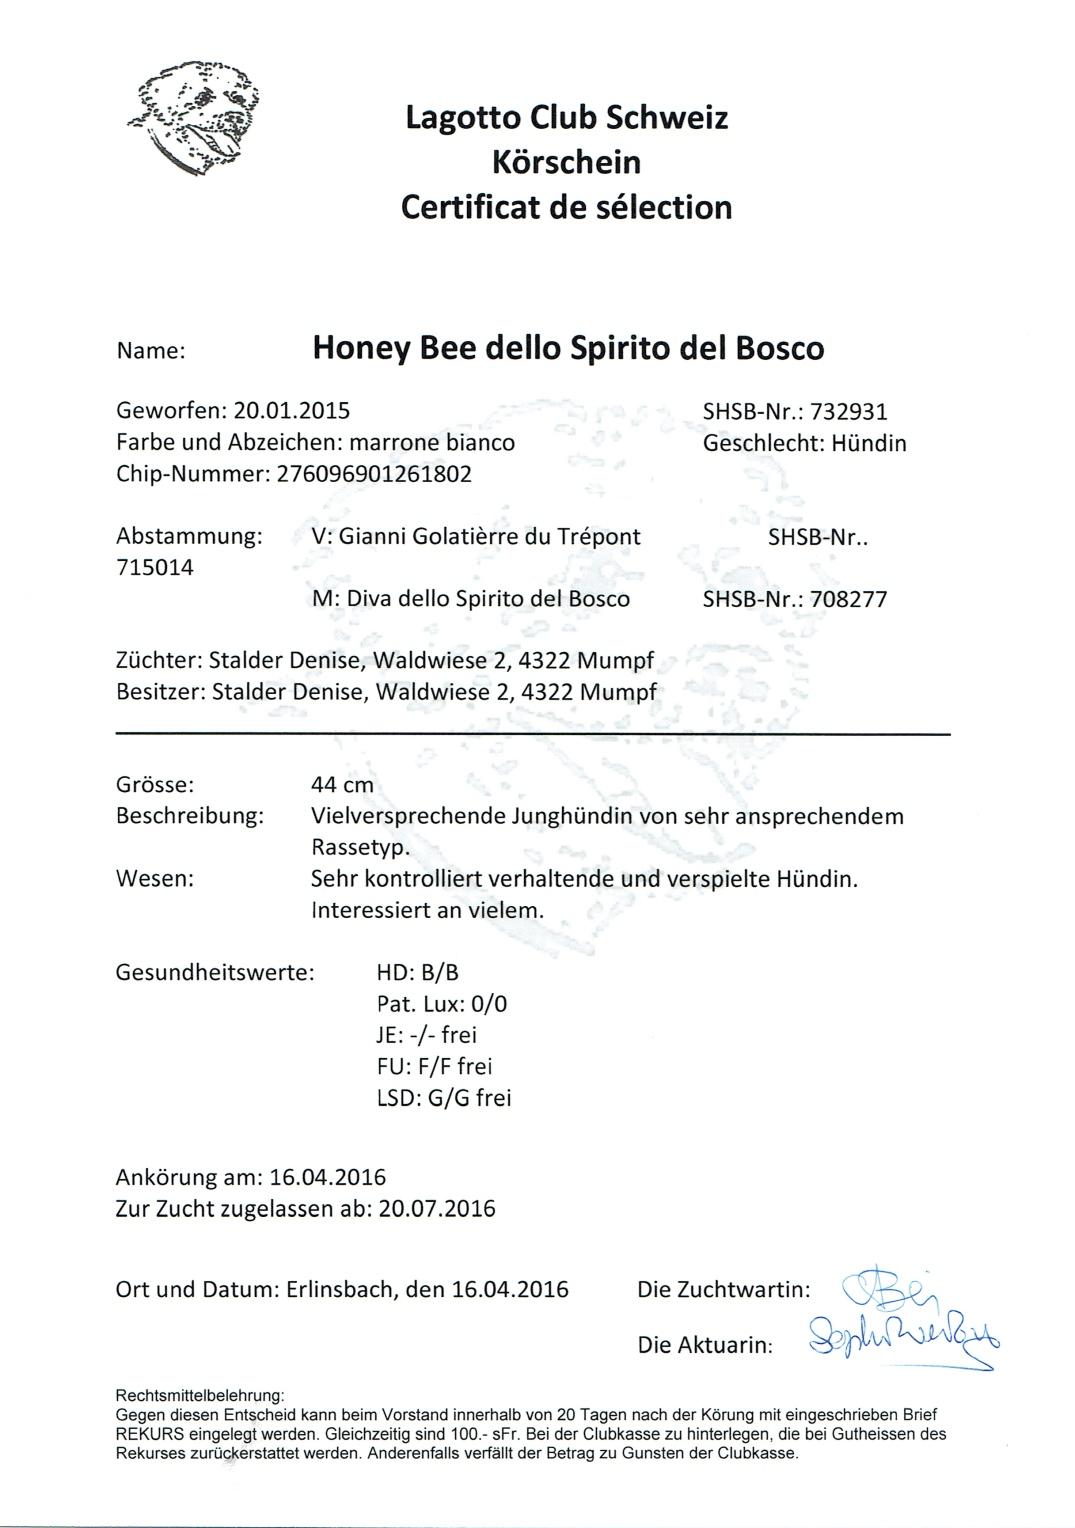 HoneyBeeUnterlagen